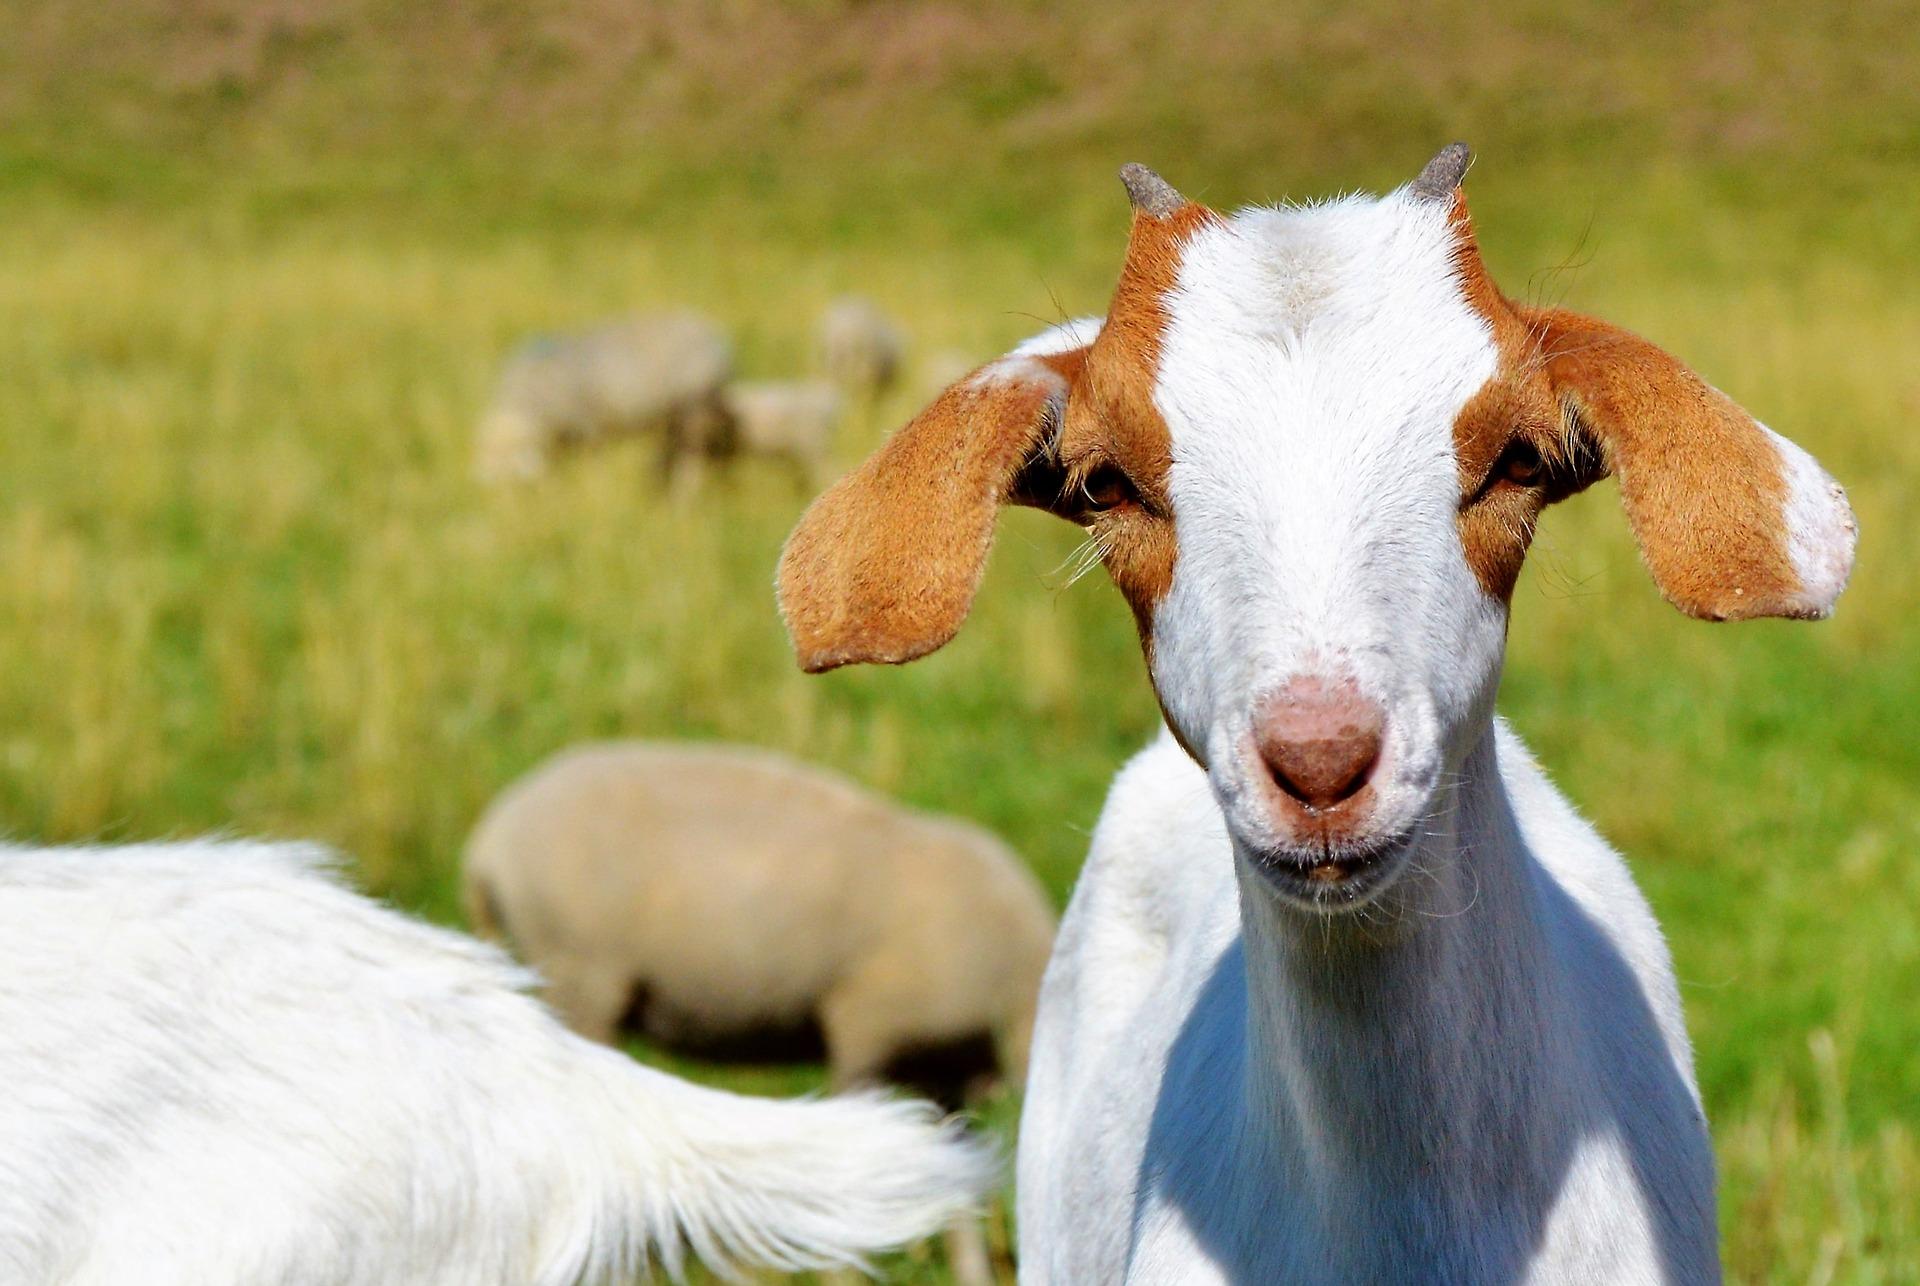 samce, samice, młode, jak się nazywa samica, samiec, młode krowy, kozy, dzika, łosia, żubra, sarny, jelenia, łoszak, warchlak, skop, nazwy zwierząt, animalistka.pl, animalistka, blog o zwierzętach